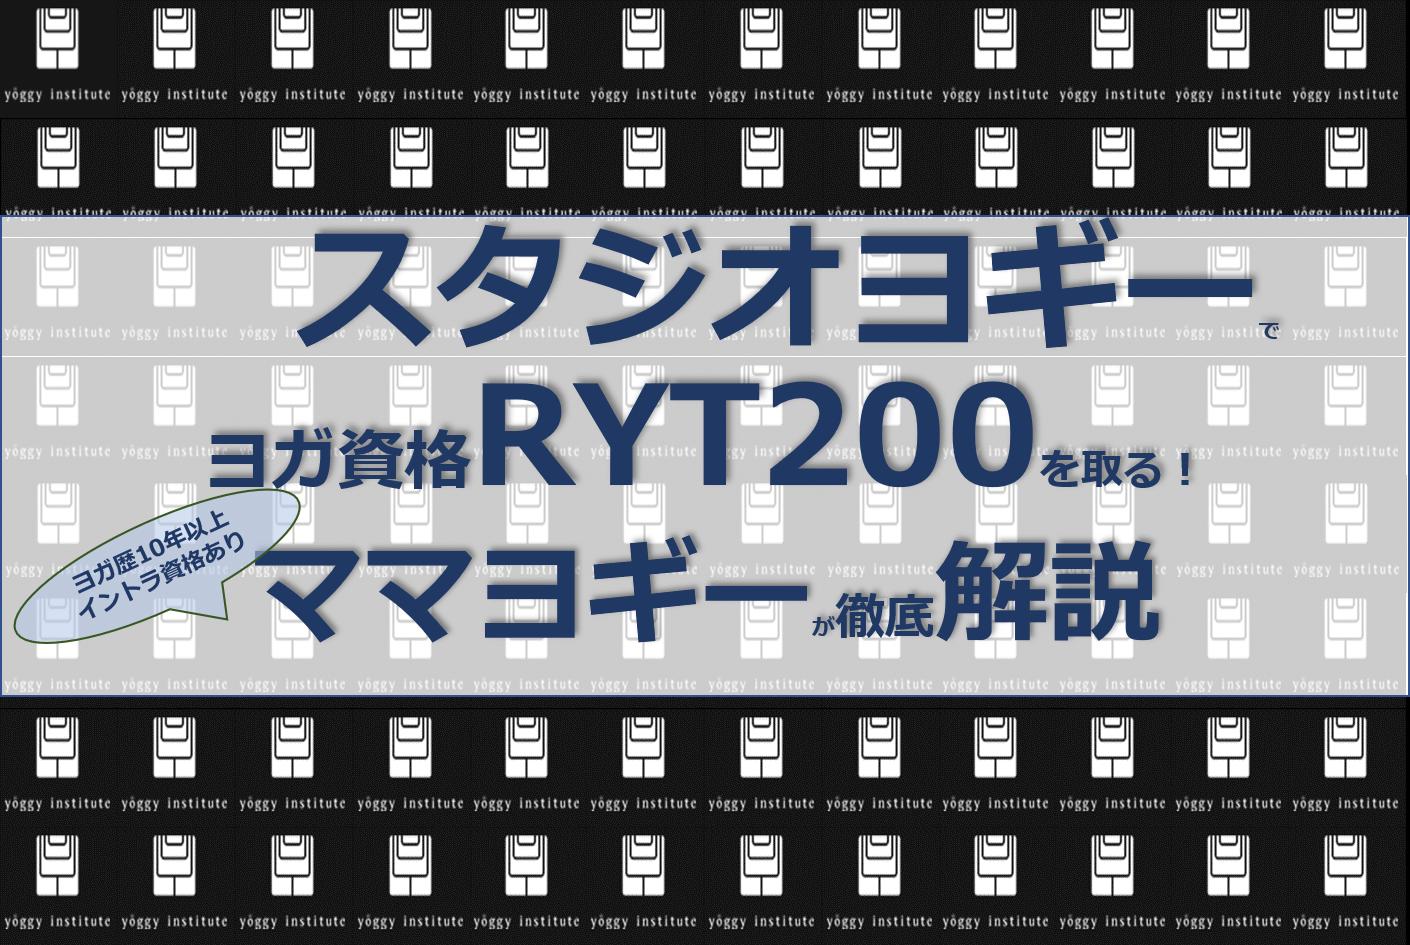 スタジオヨギーのヨガスクールでインストラクター資格RYT200を取る3つのメリット【イントラのデビューサポート制度あります】